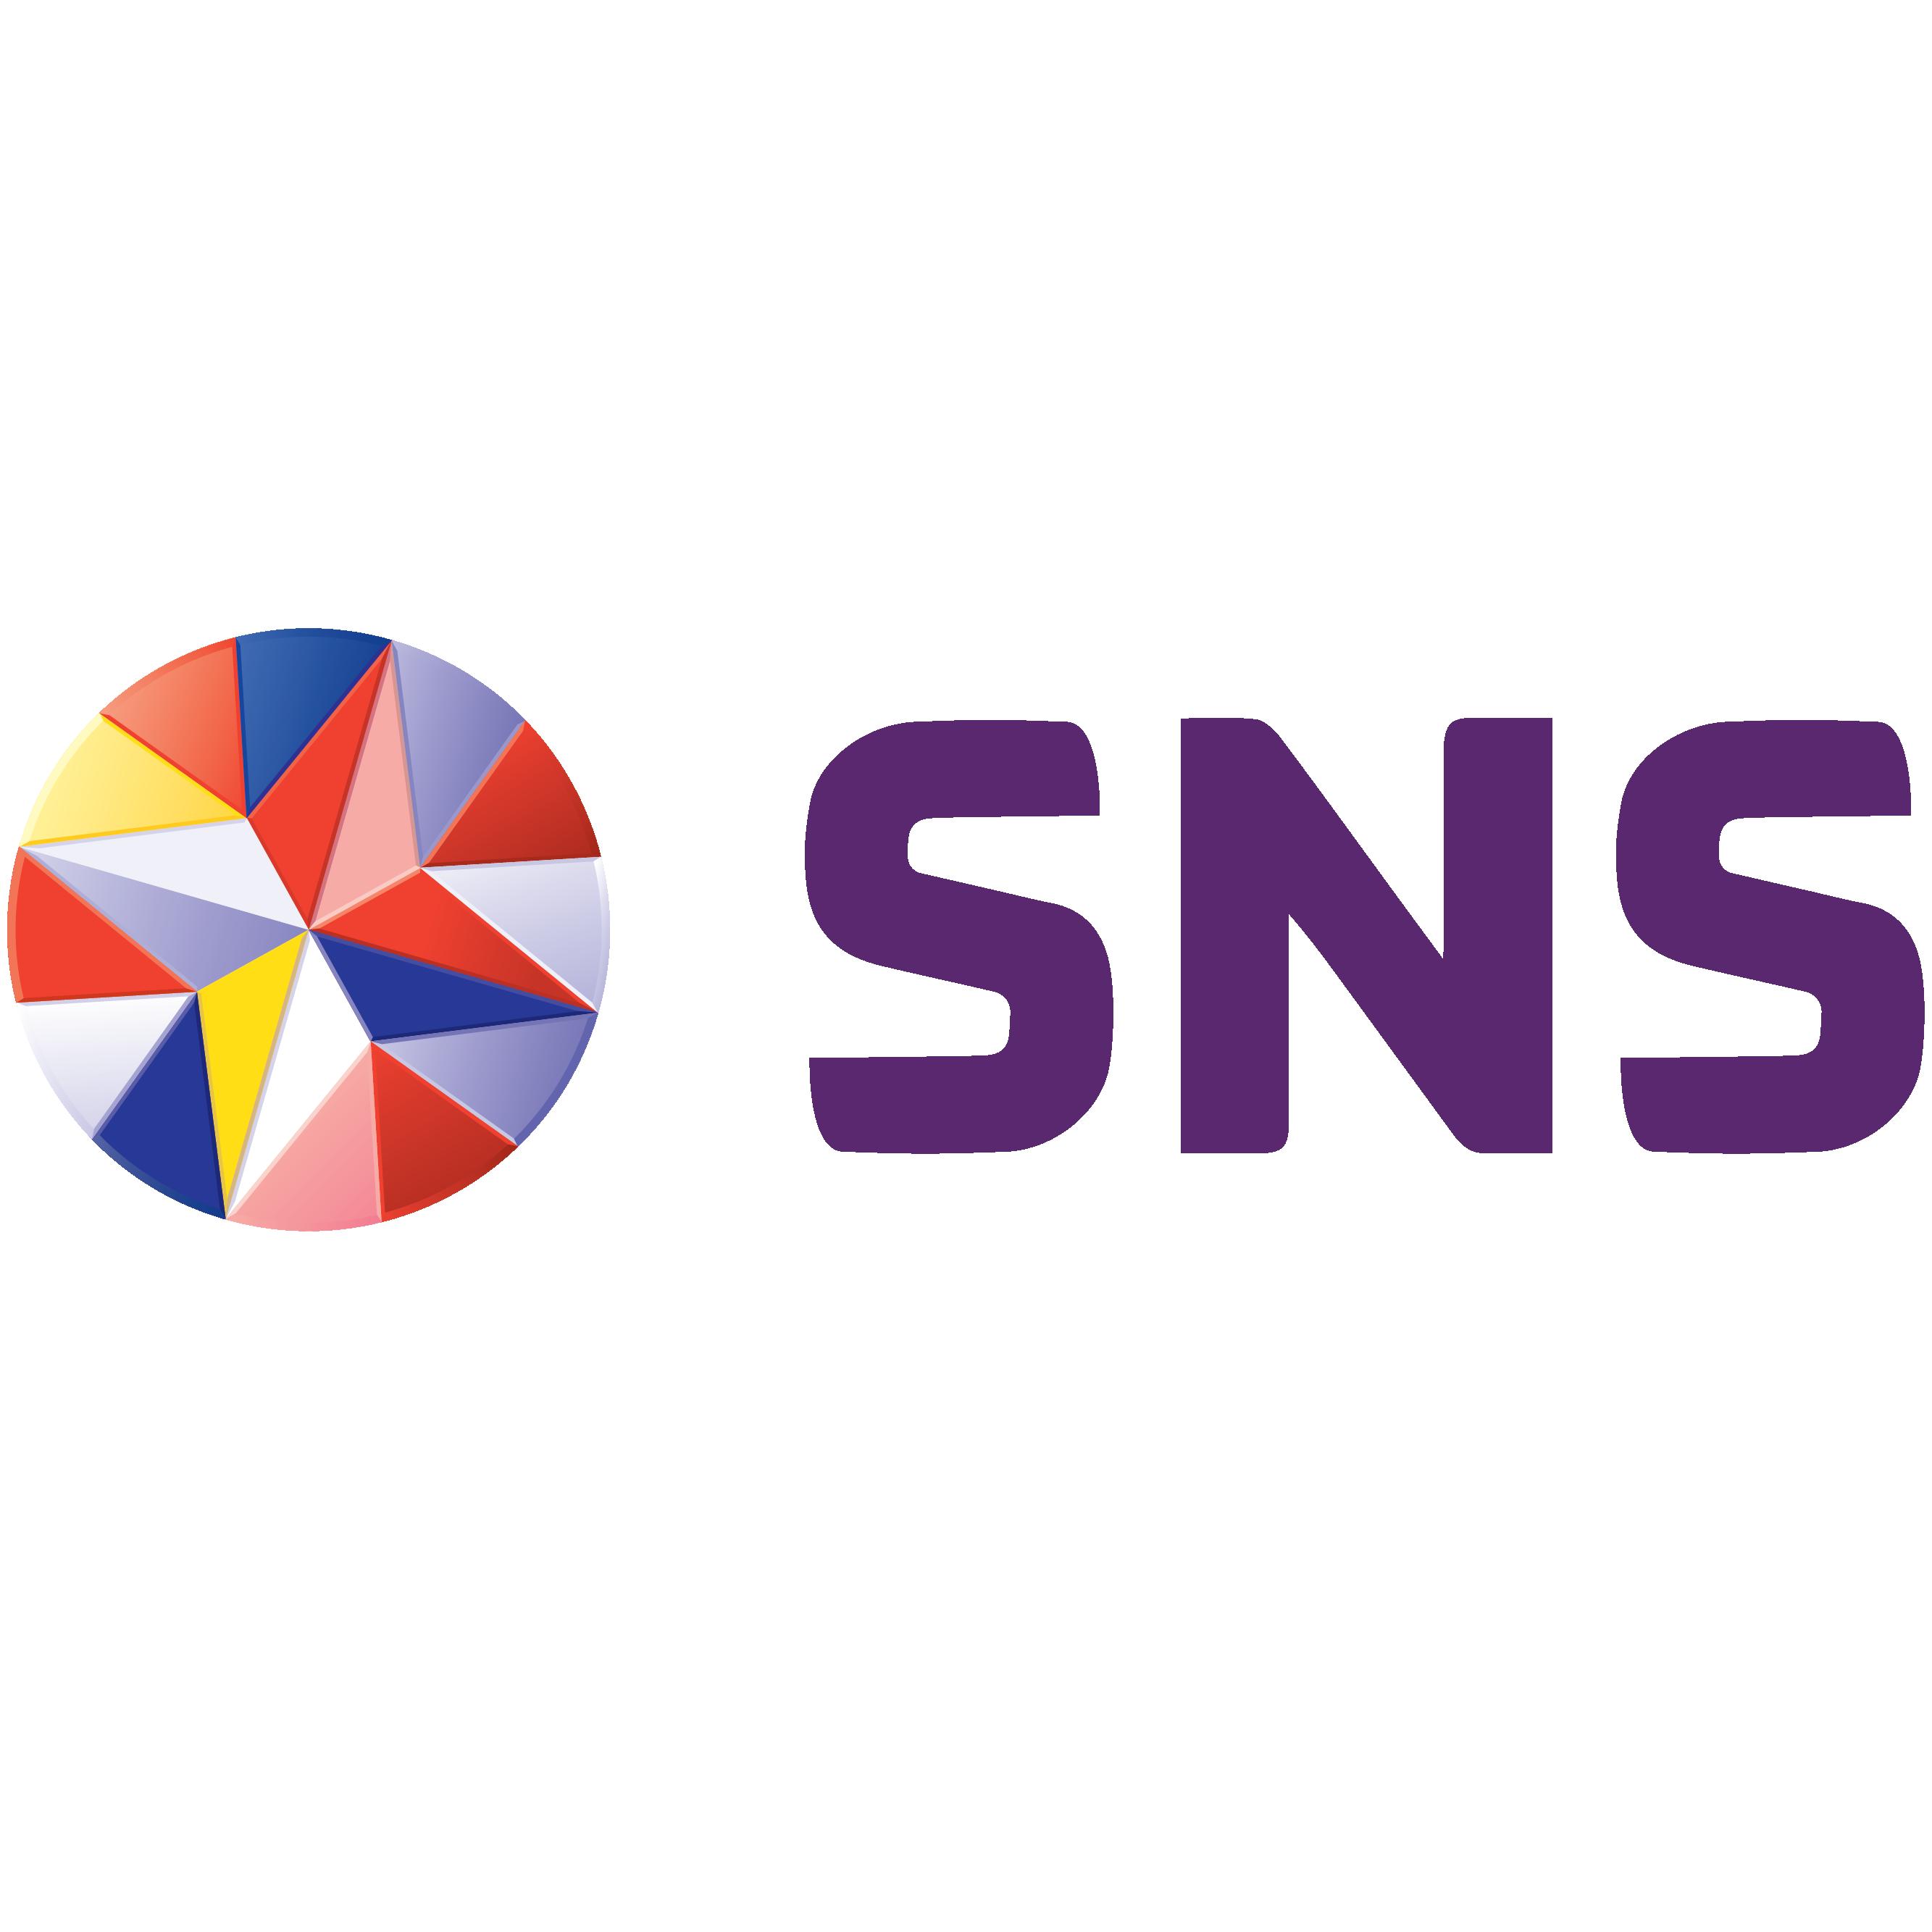 SNS-bank-logo